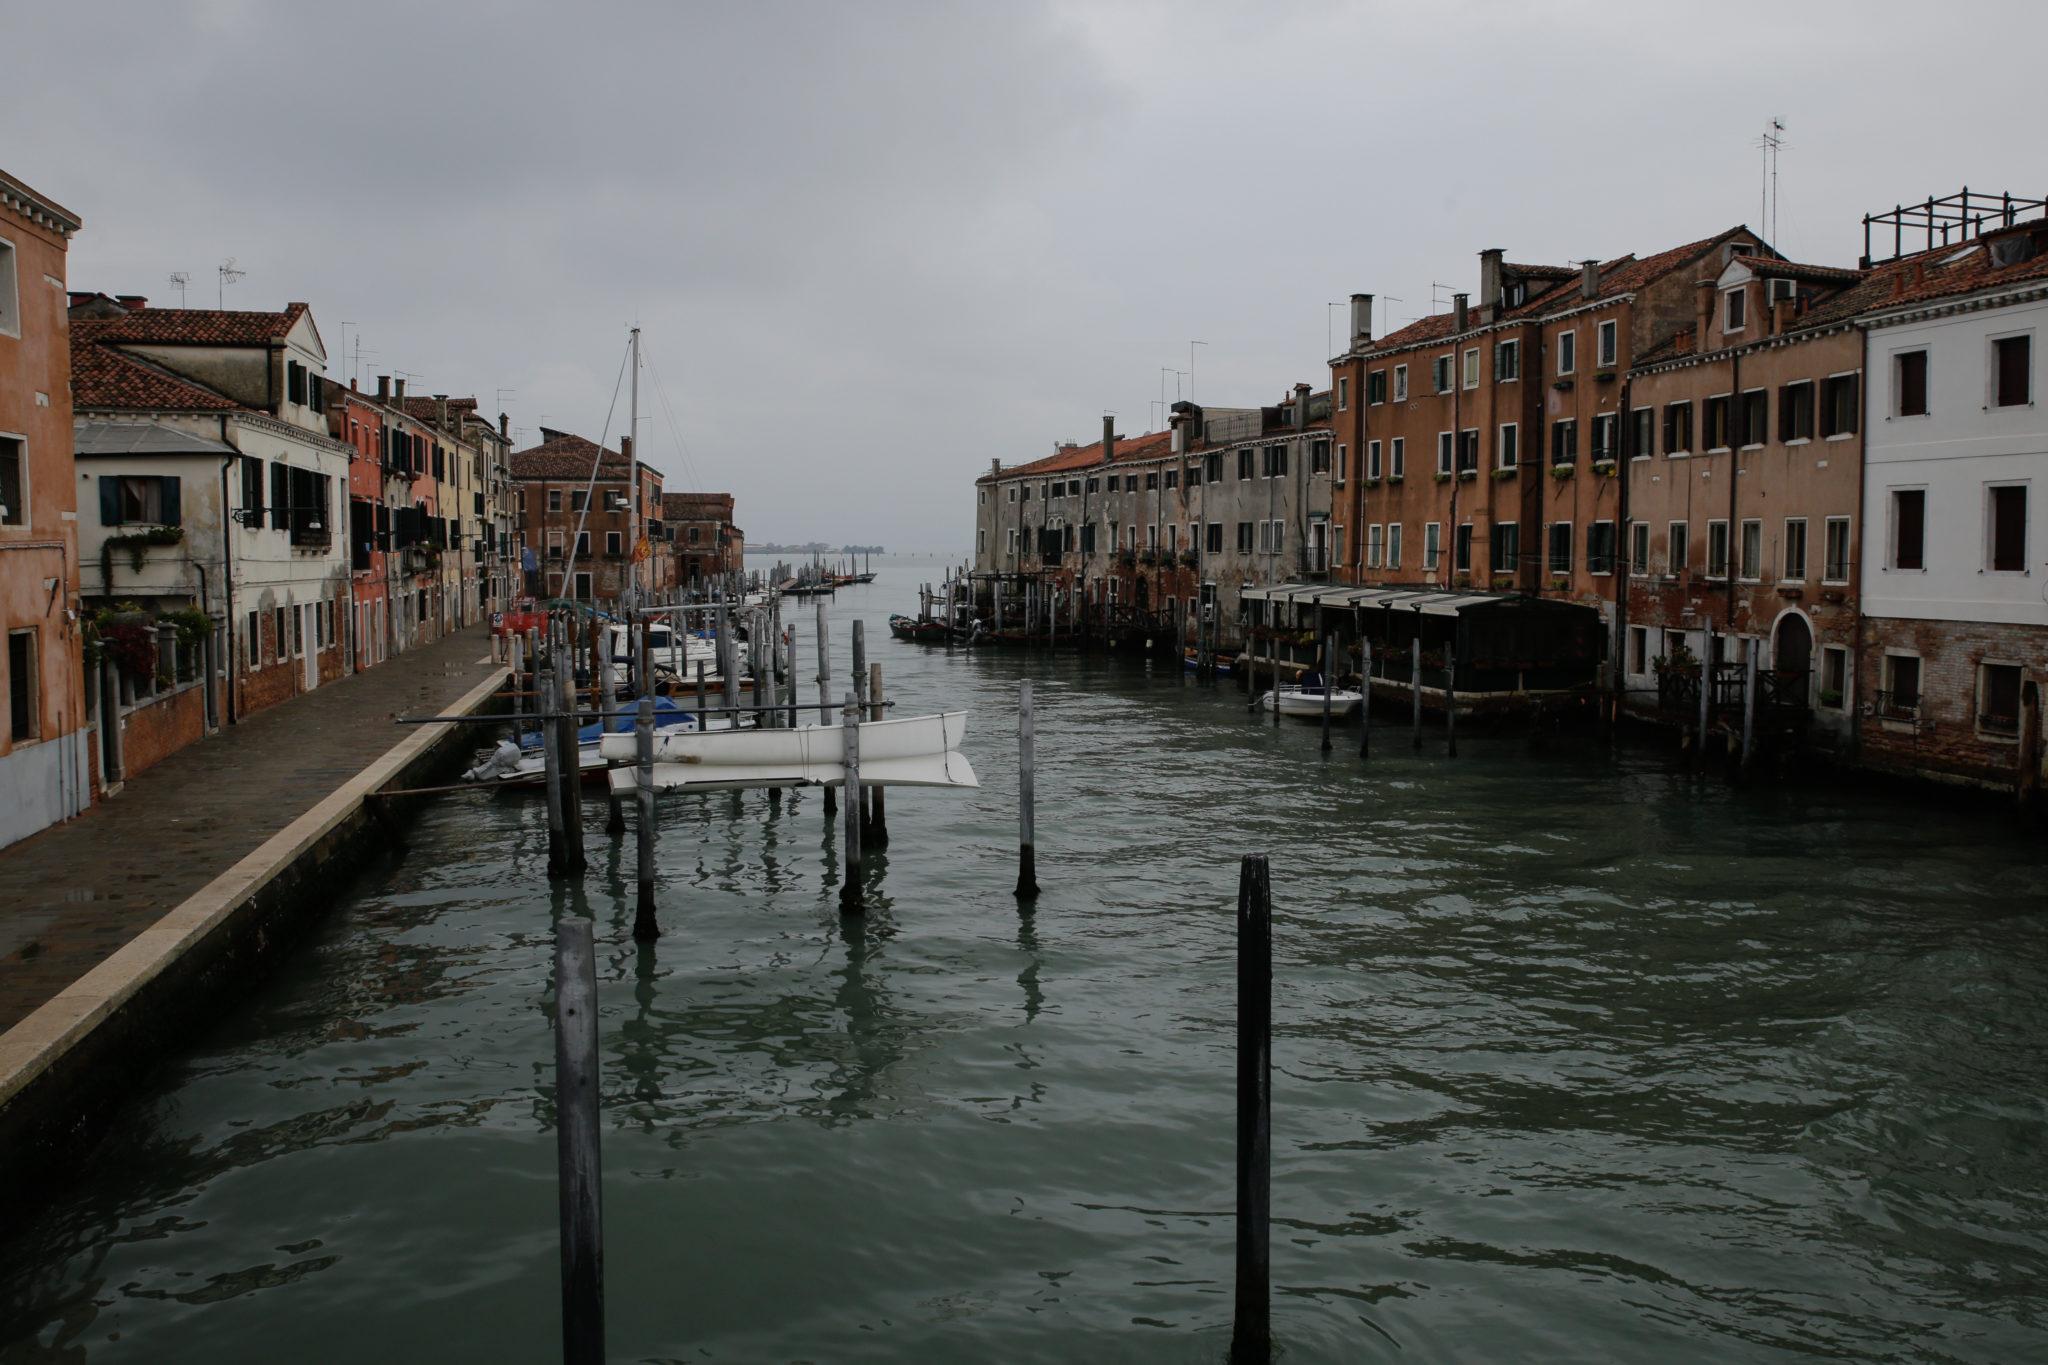 La Giudecca è un'isola a sud di Venezia, costituita da otto isole minori collegate fra loro. L'abbiamo visitata per scoprire un'altra Venezia